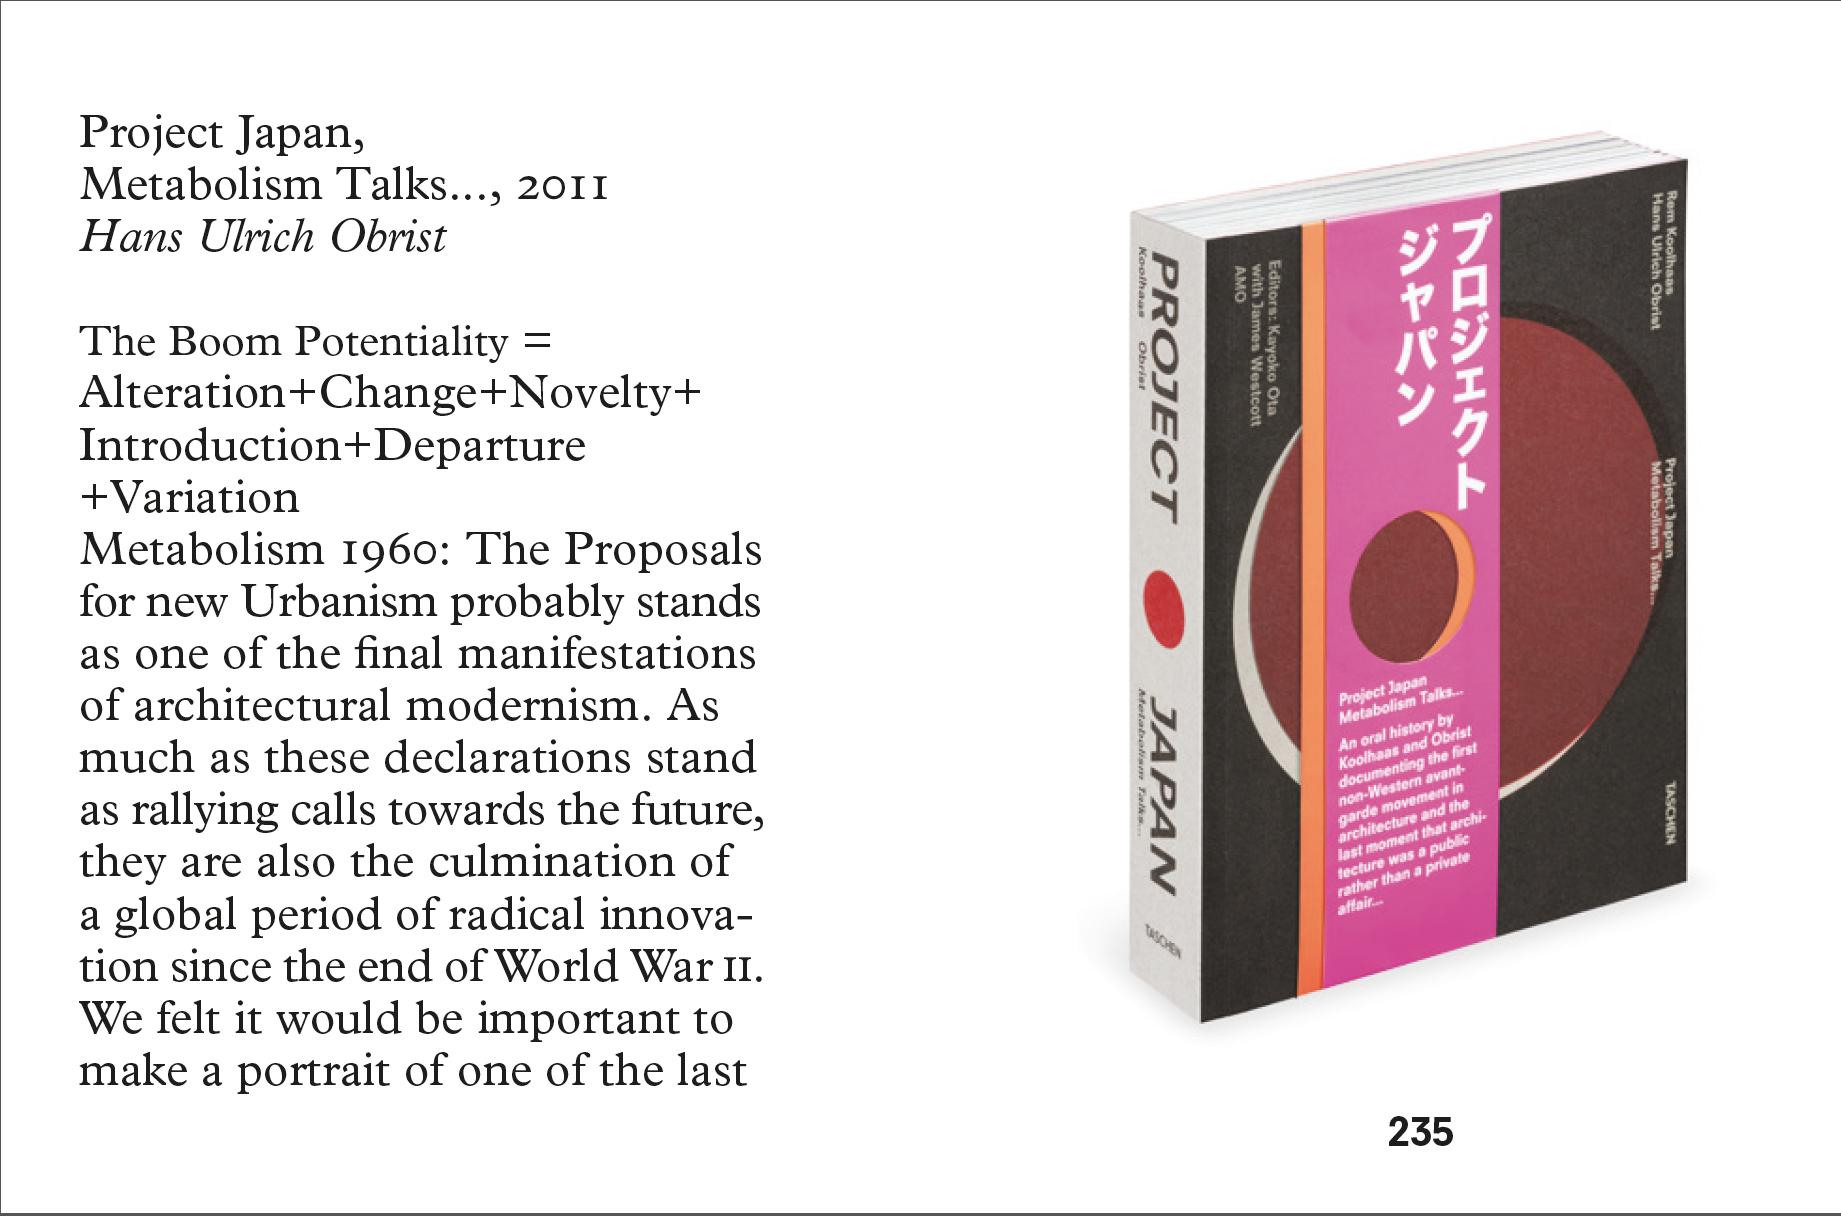 『プロジェクト・ジャパン』(2011年)英語版